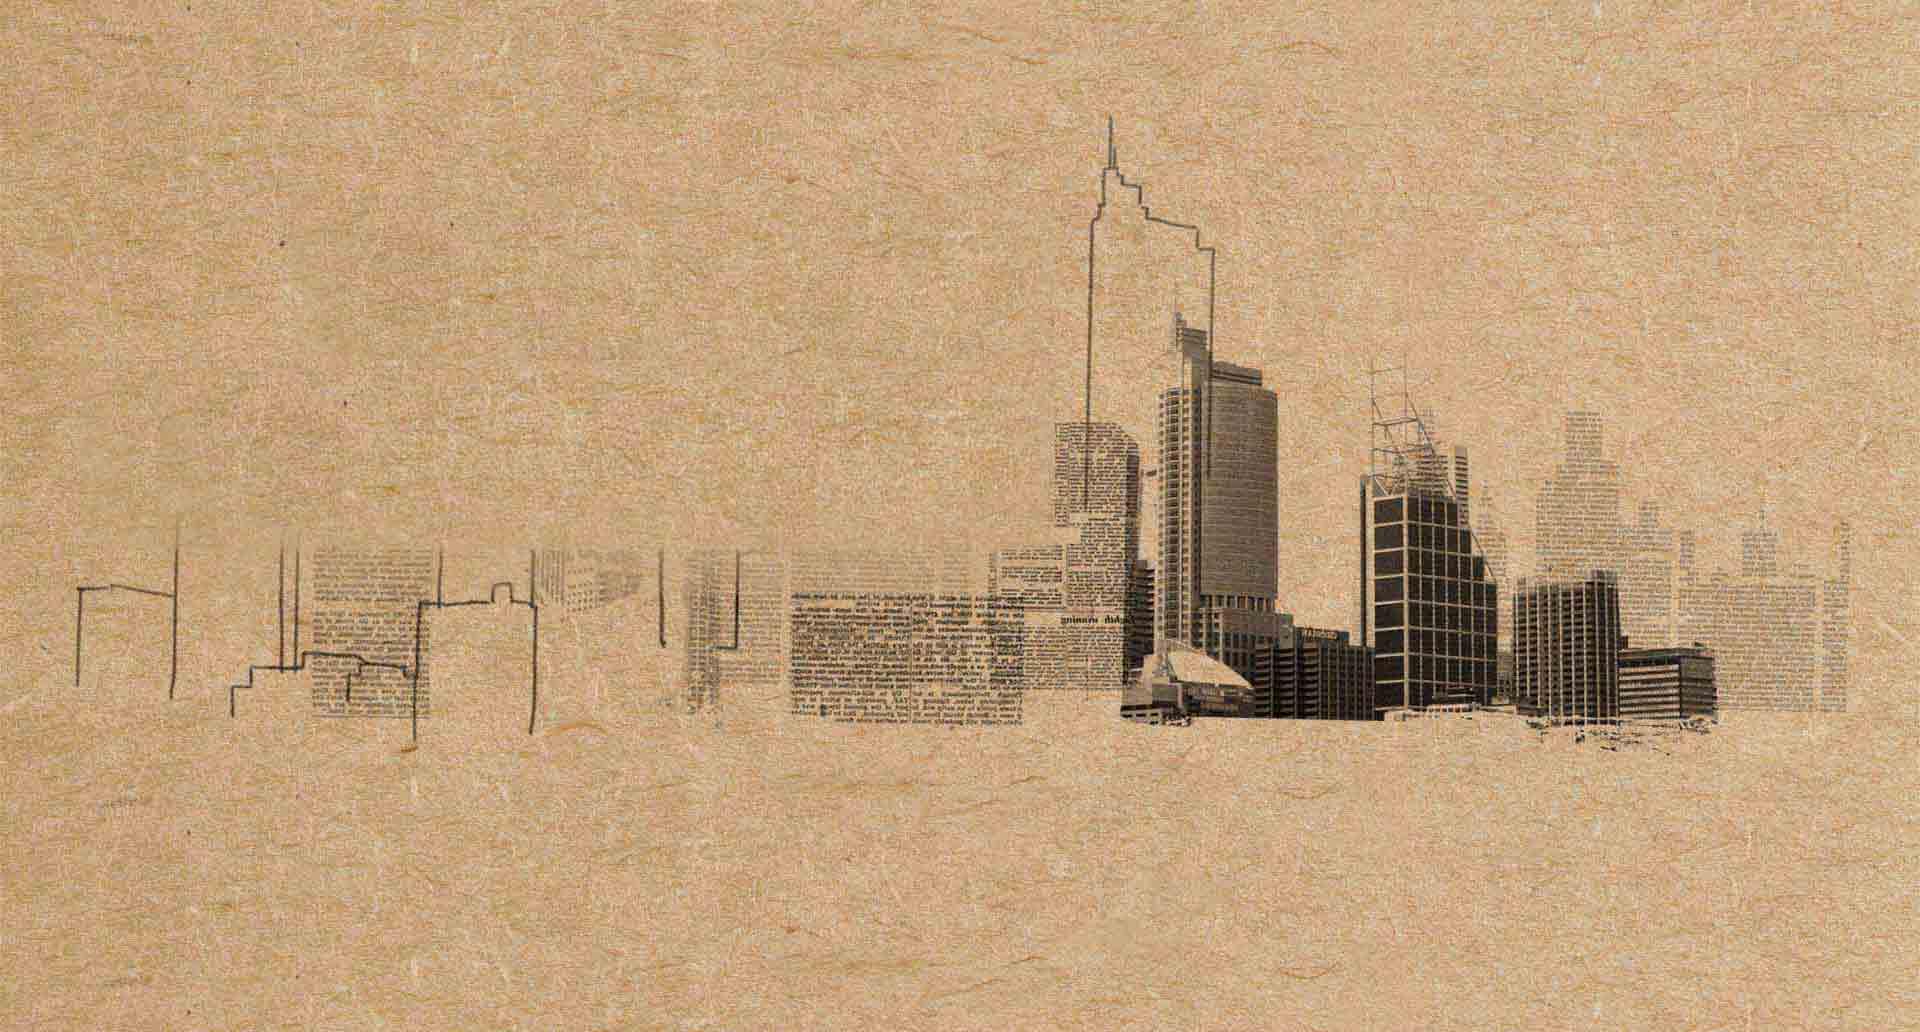 City skyline sketch